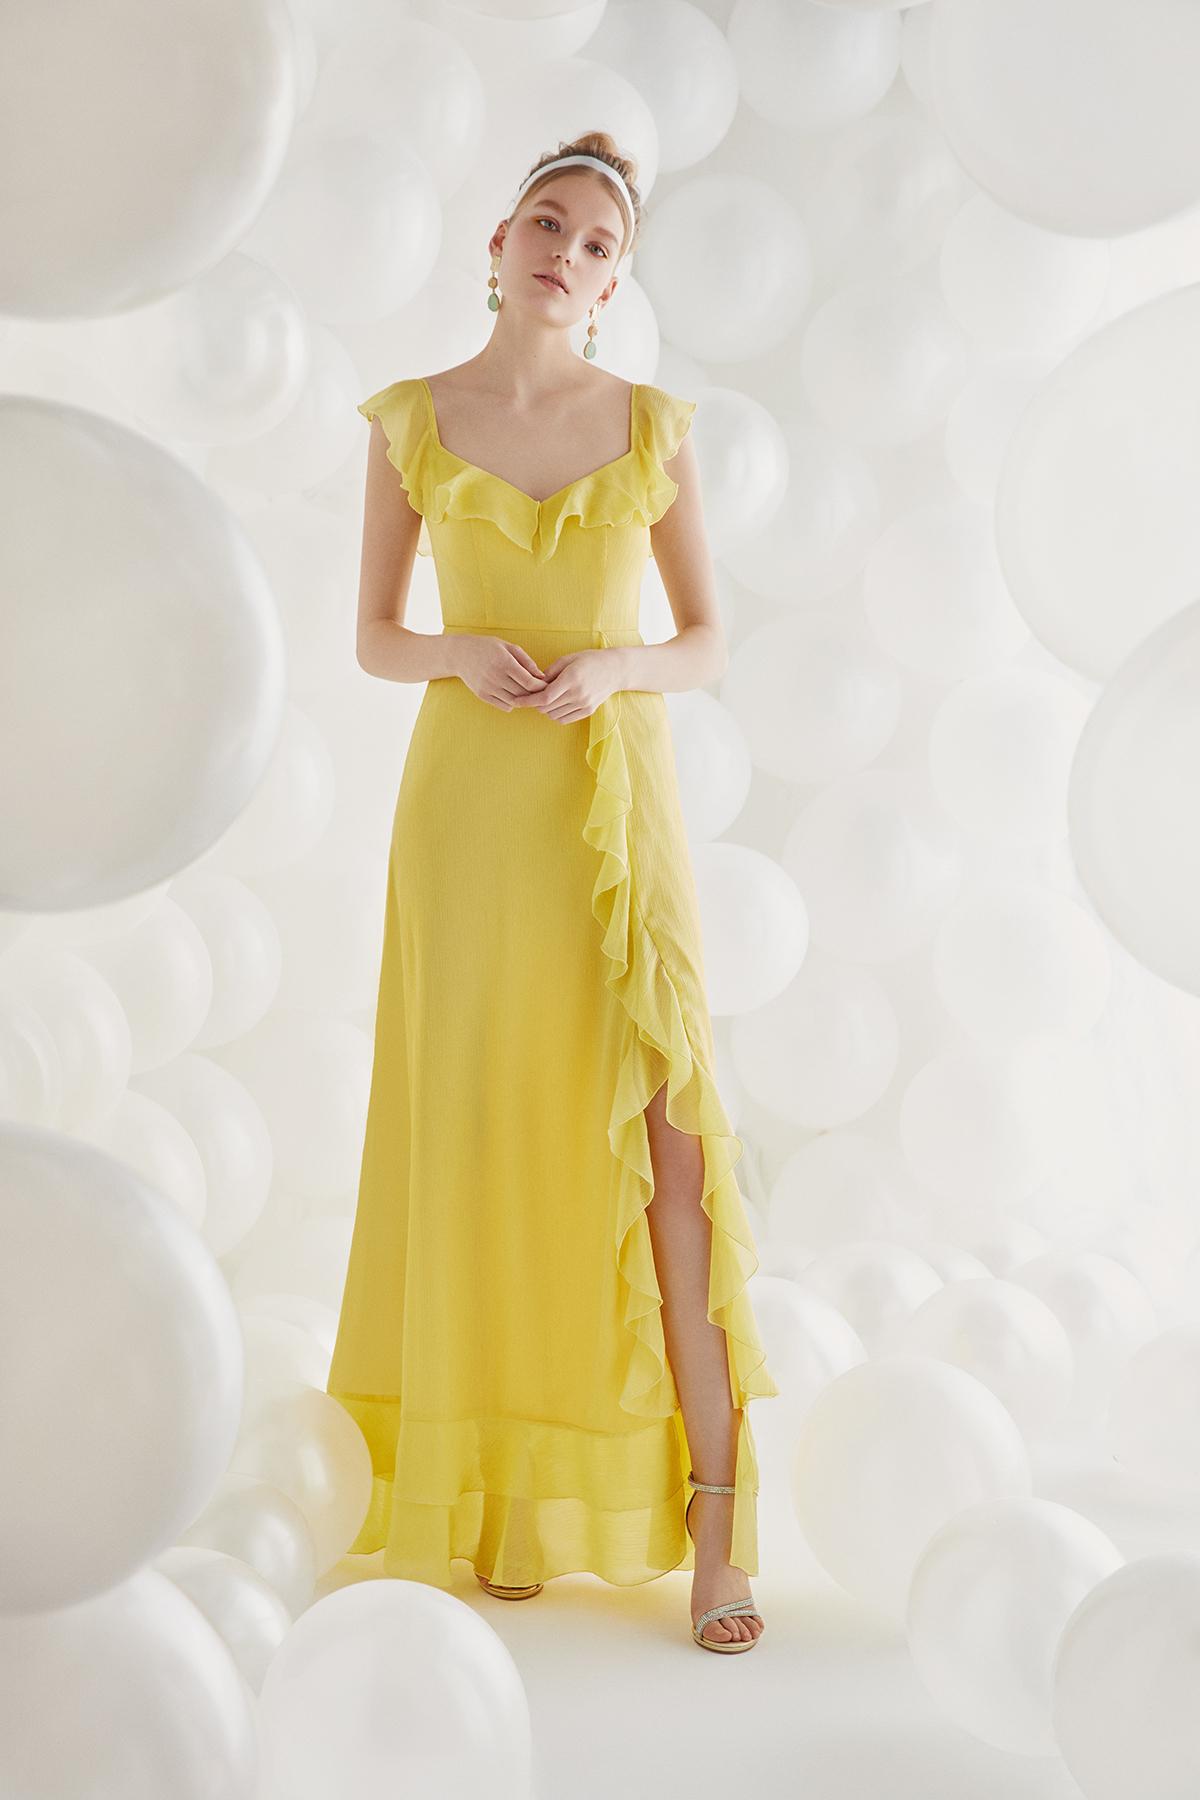 Sarı Şifon Askılı Uzun Büyük Beden Elbise - Thumbnail